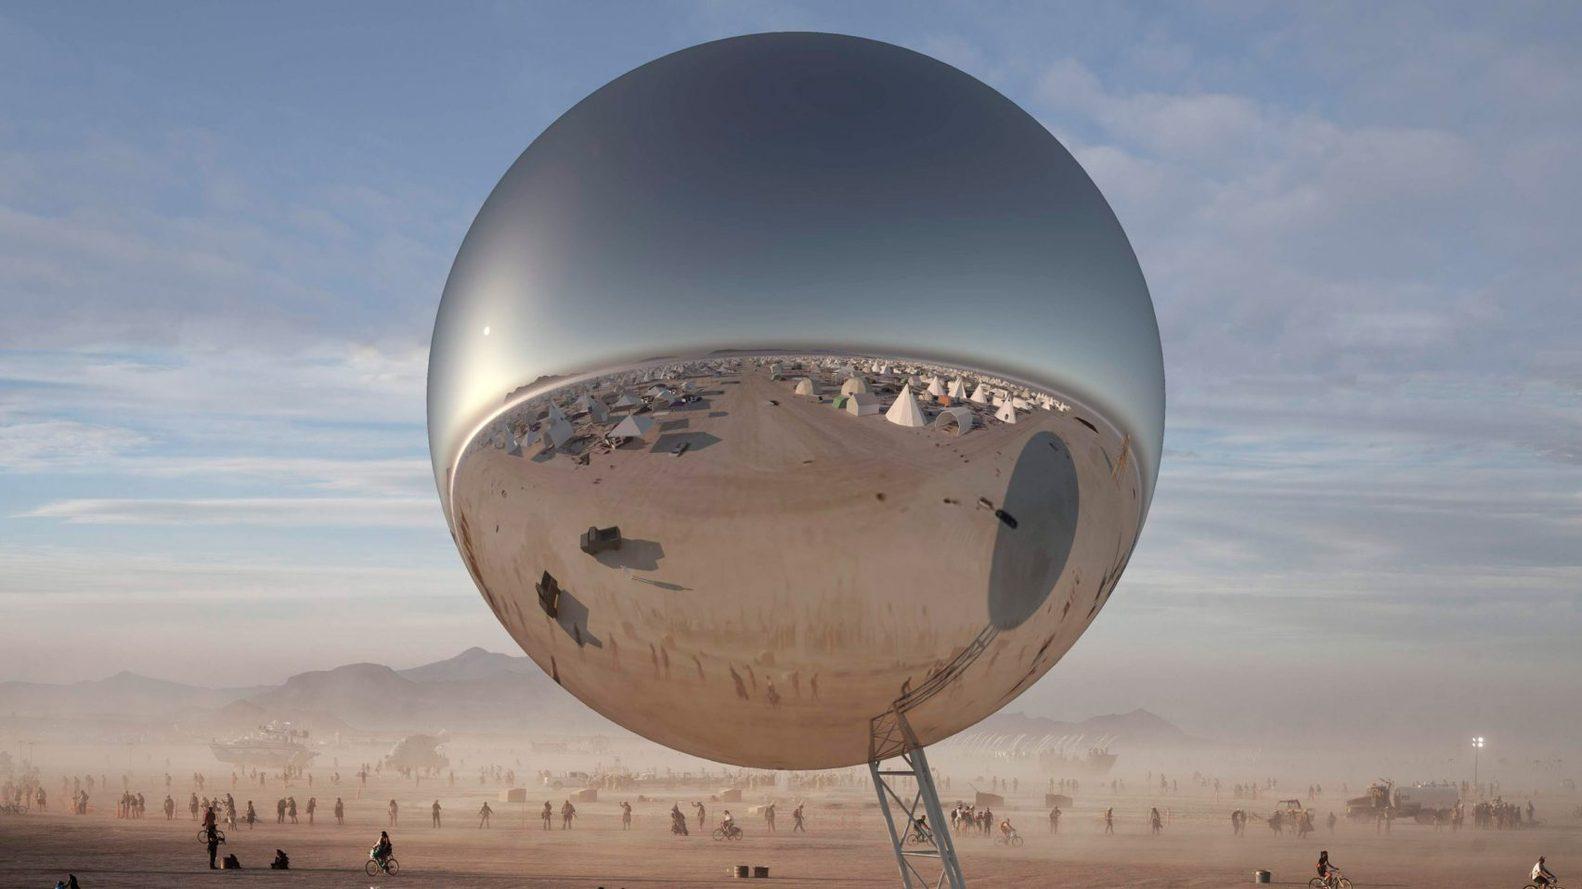 1 1 - Pari réussi pour BIG son ORB géant prend forme au festival Burning Man